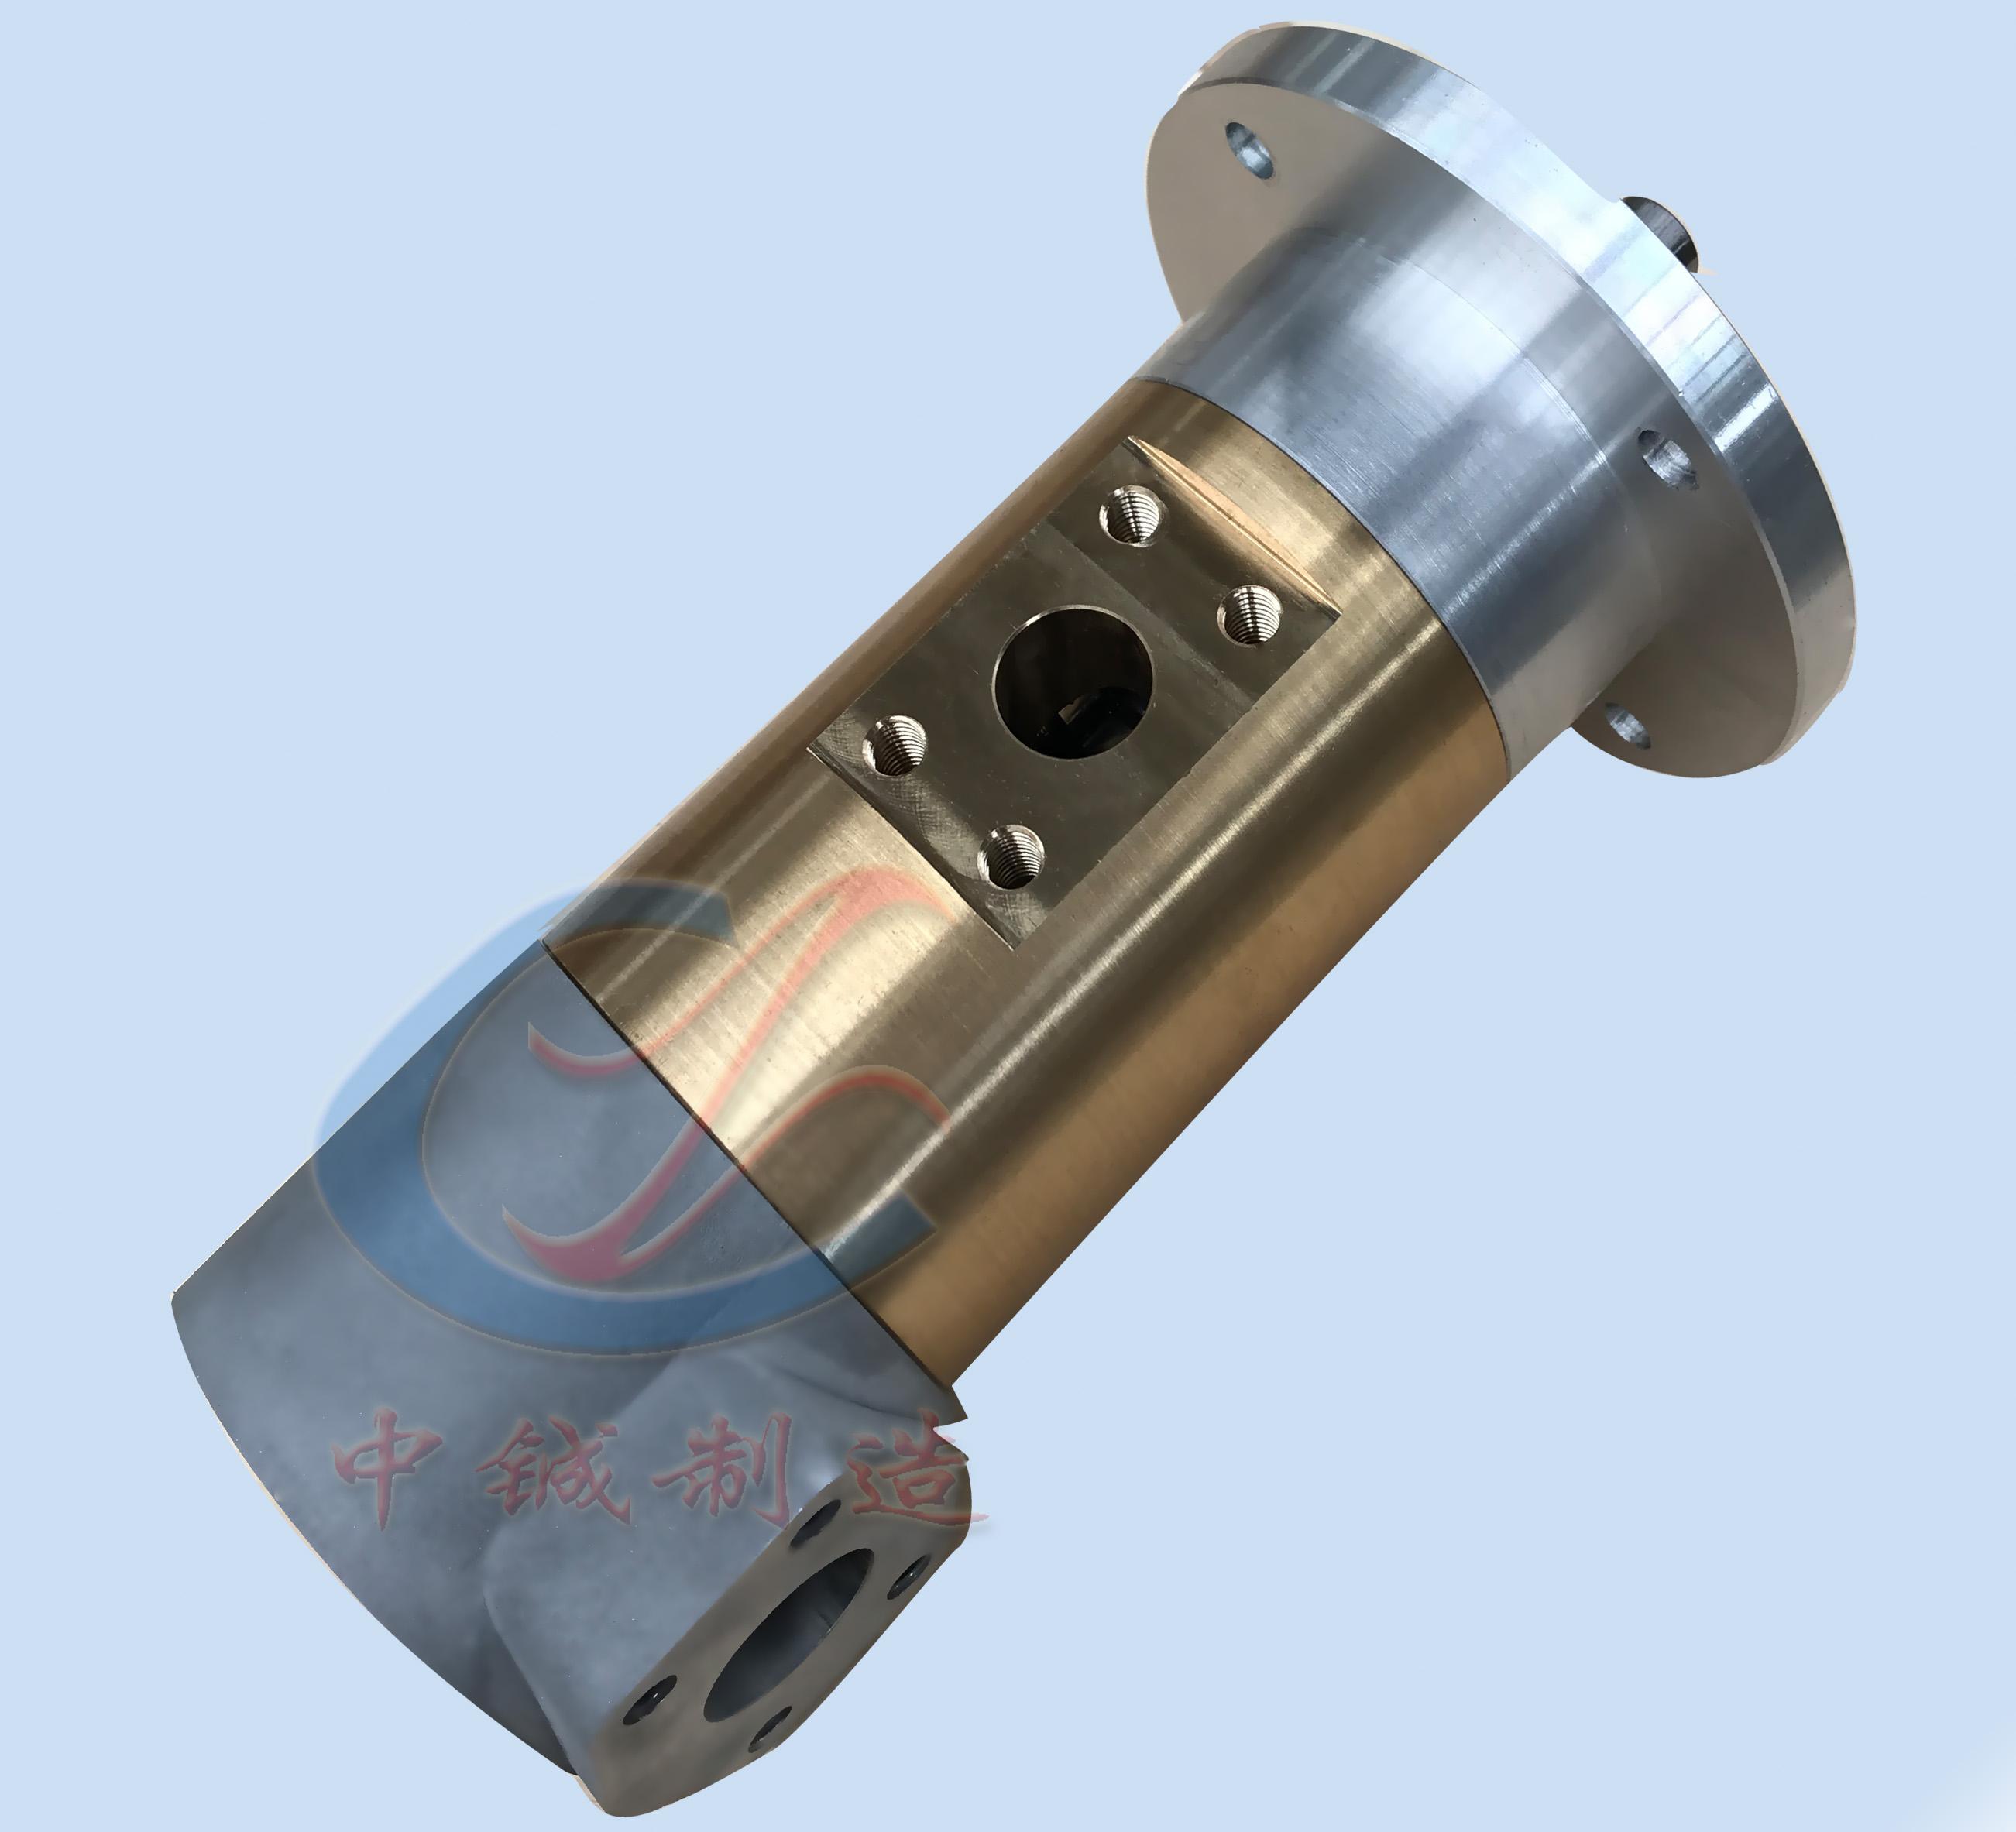 意大利赛特玛原装进口ZNYB01020202低压润滑泵螺杆泵